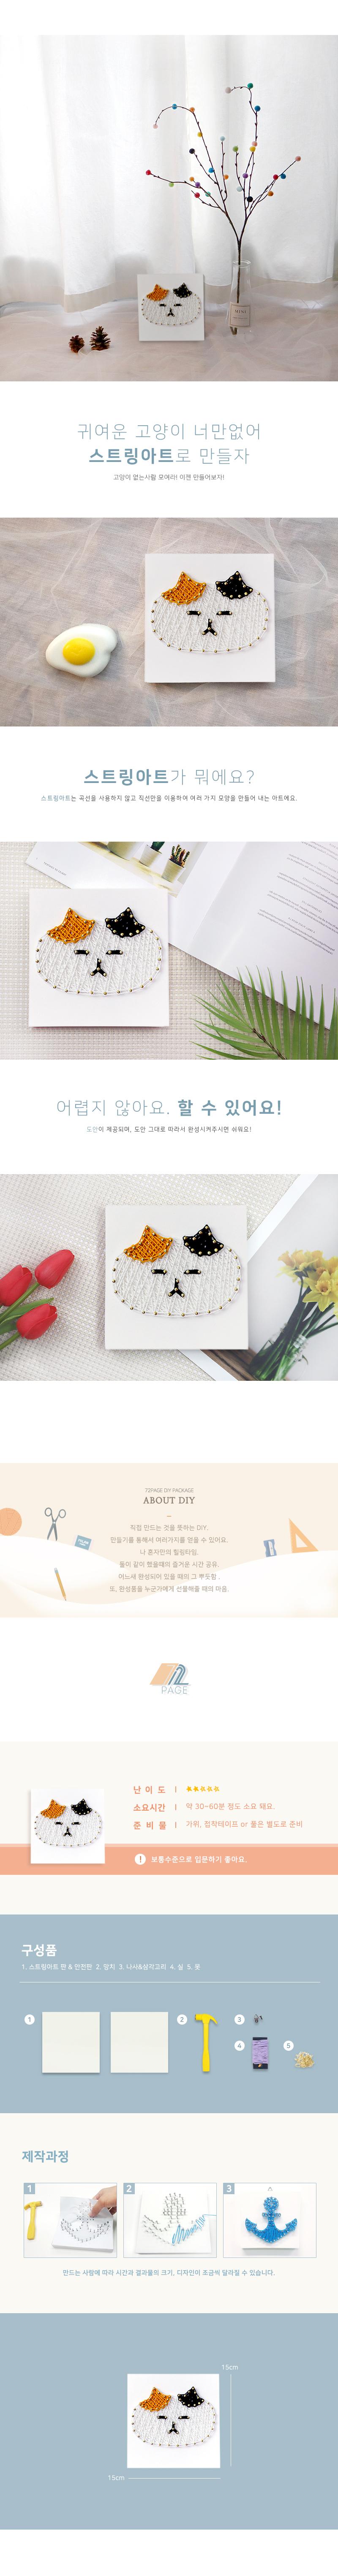 꼬마 캣 얼룩이 스트링아트 만들기 패키지 DIY (EVA) - 72페이지, 10,000원, DIY그리기, 스트링아트